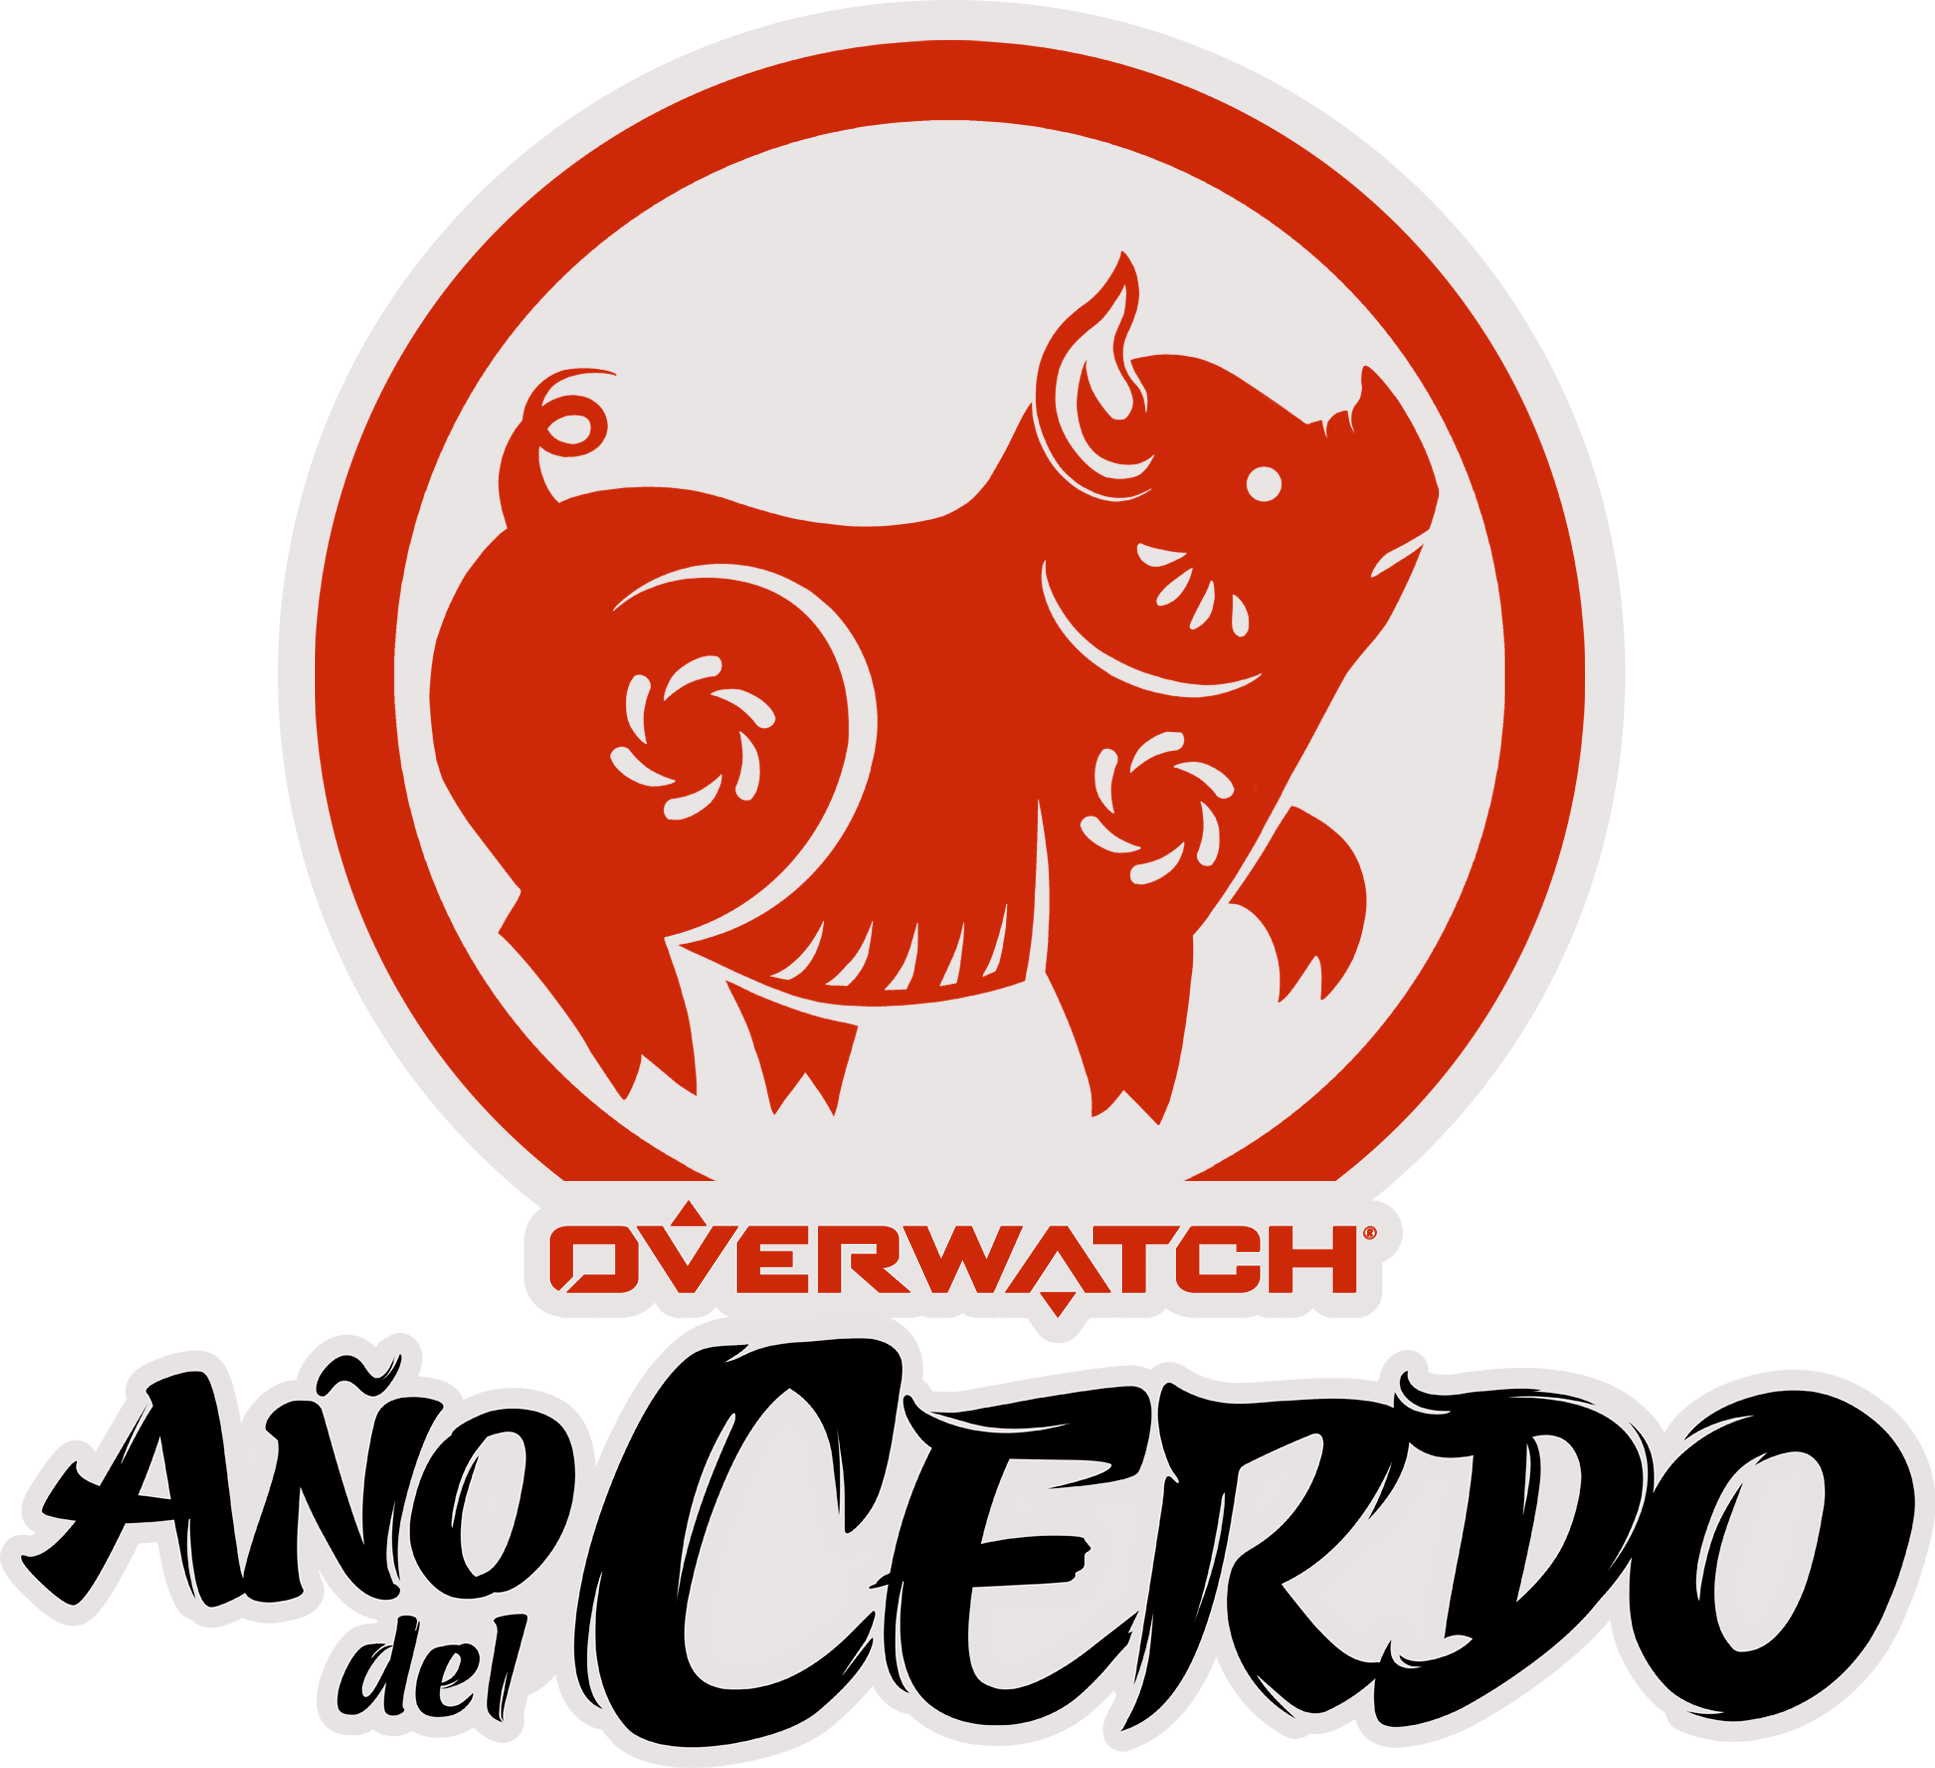 Año del Cerdo en Overwatch